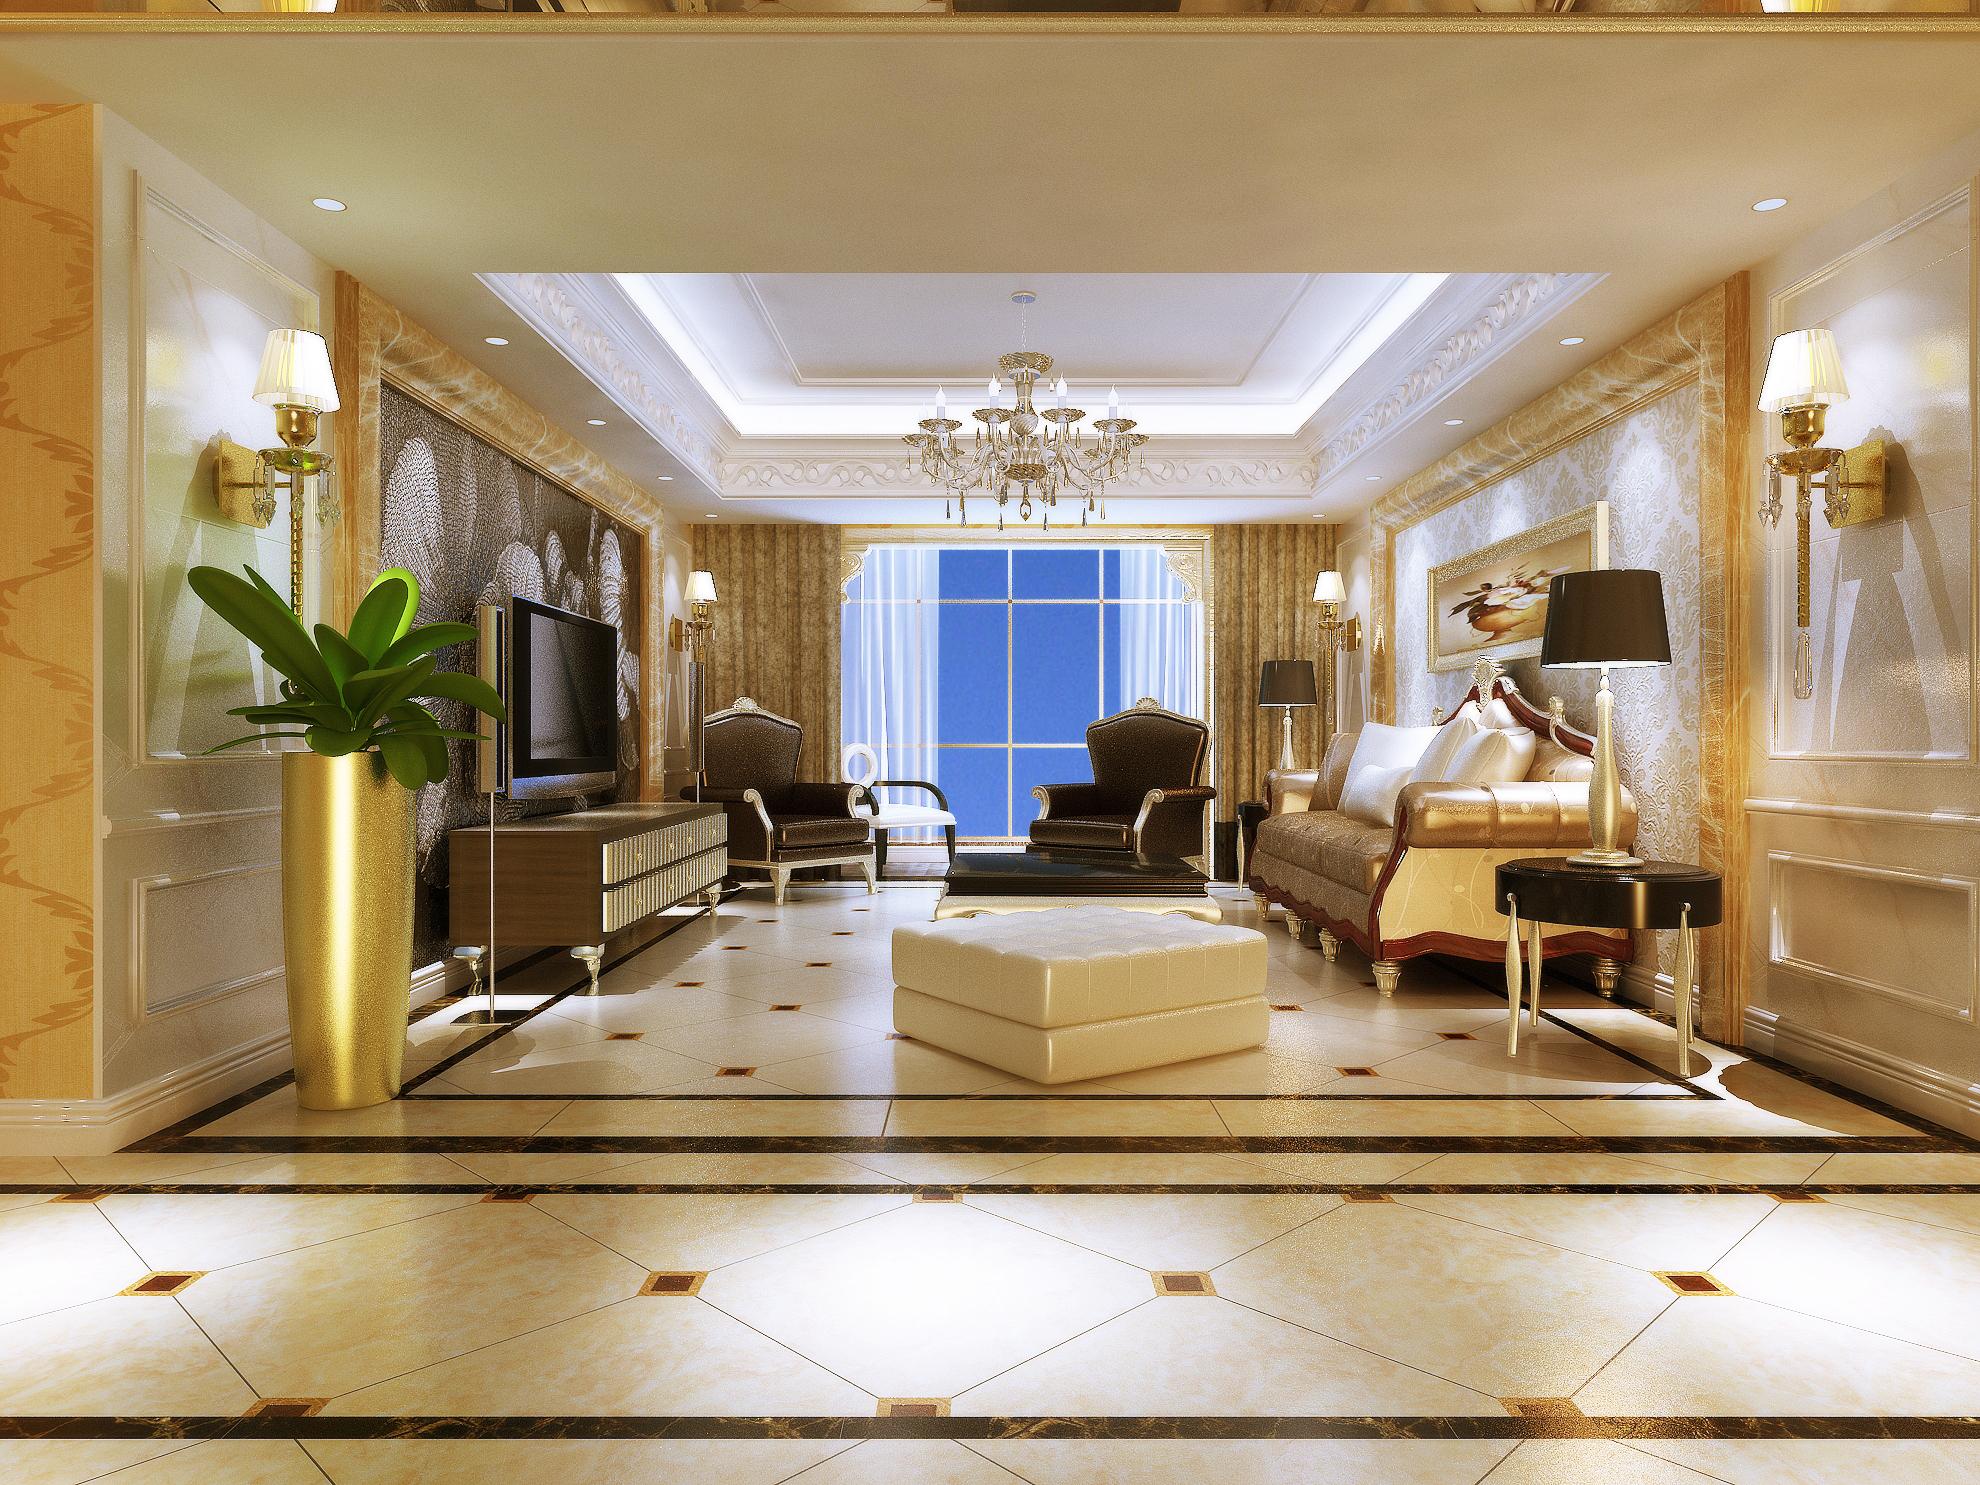 怡丰森林湖 大宅 欧式风格 装修 客厅图片来自夏曼在怡丰森林湖 大宅 欧式风格装修的分享